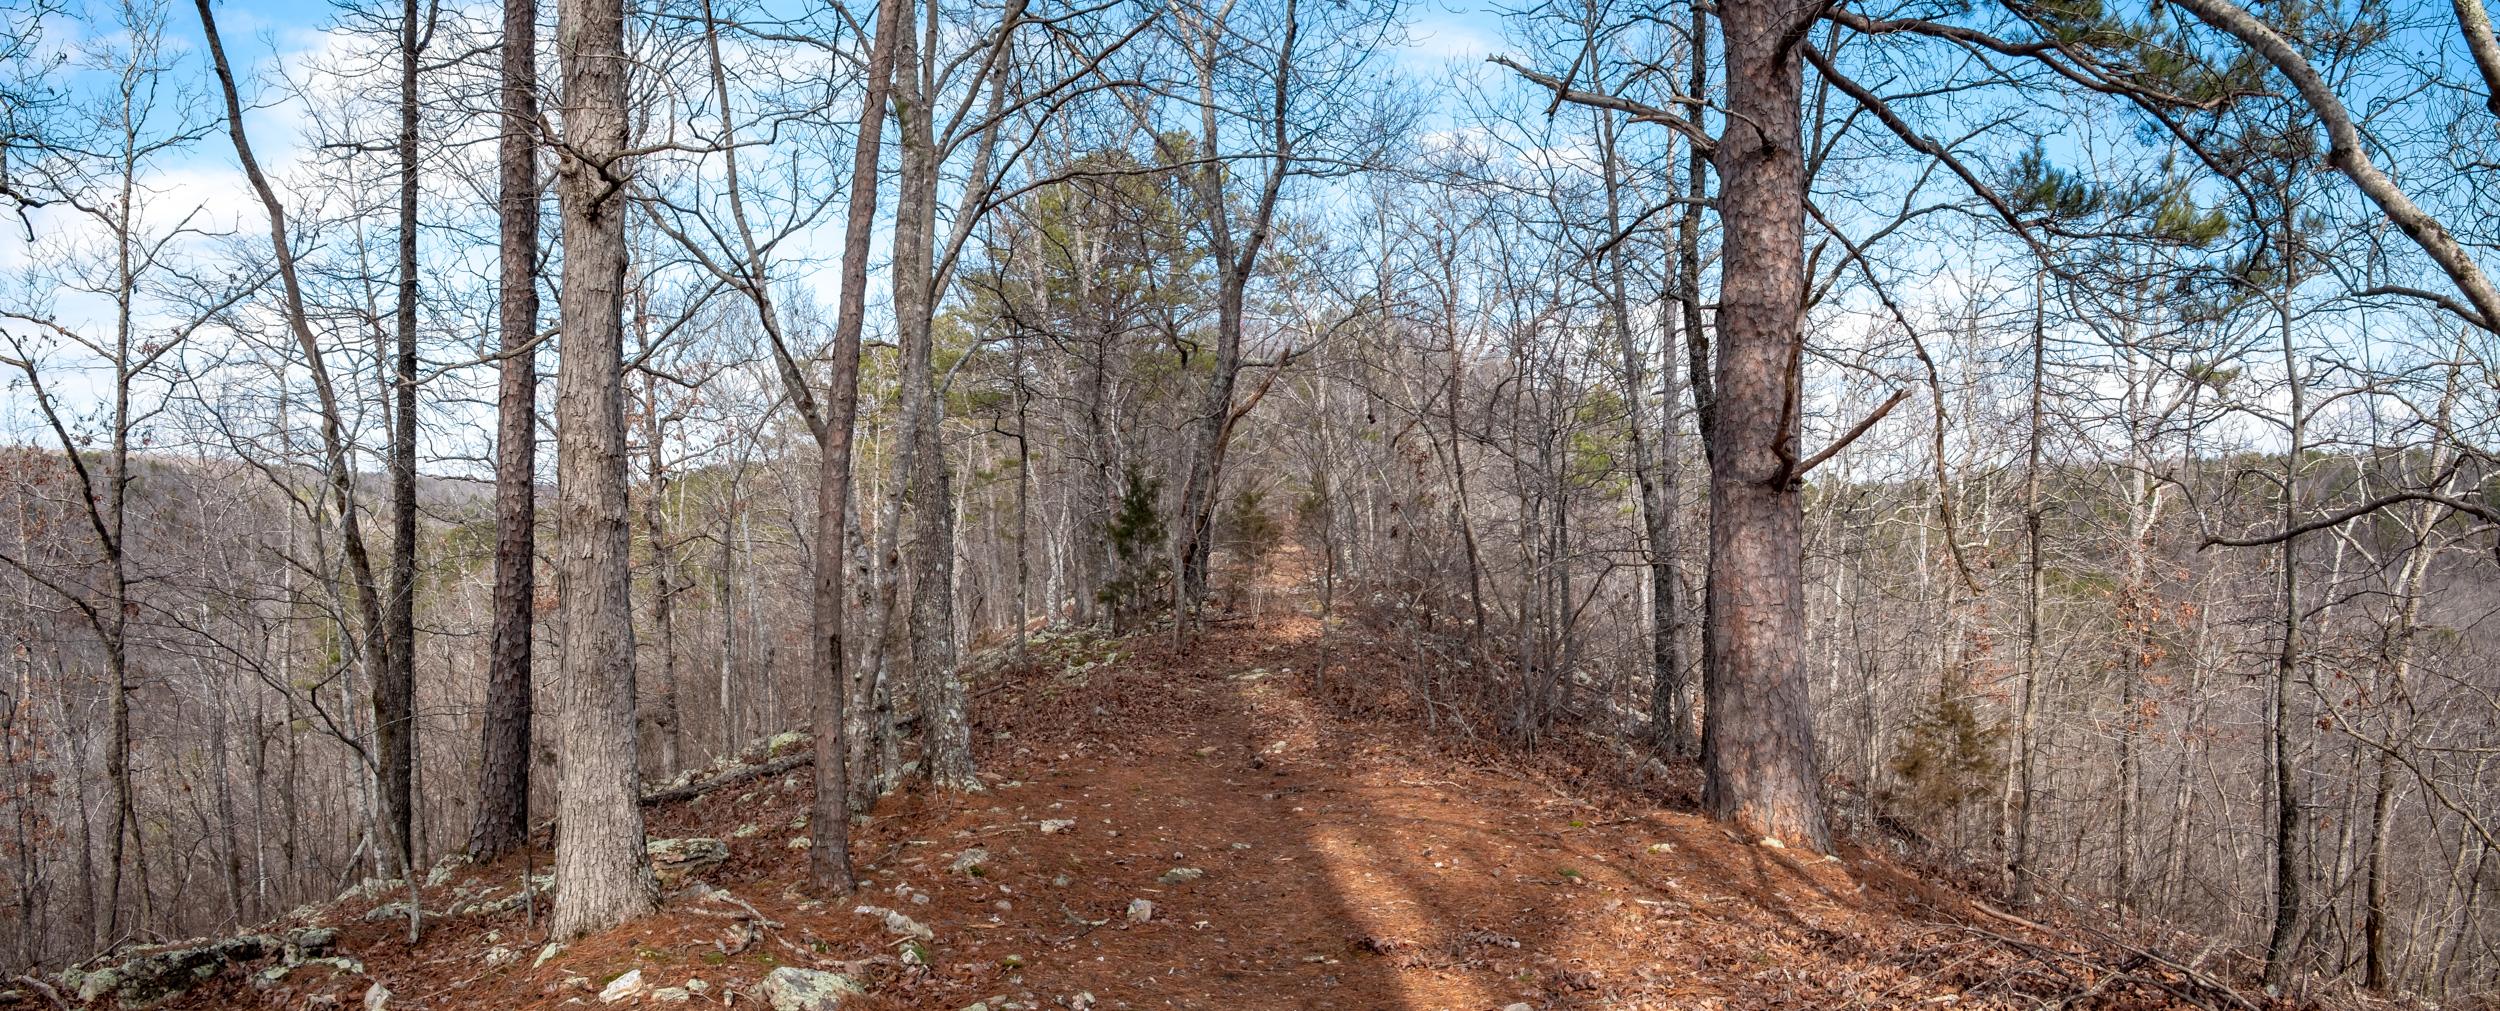 The Devil's Backbone Ridge in the Devil's Backbone Wilderness, Missouri.